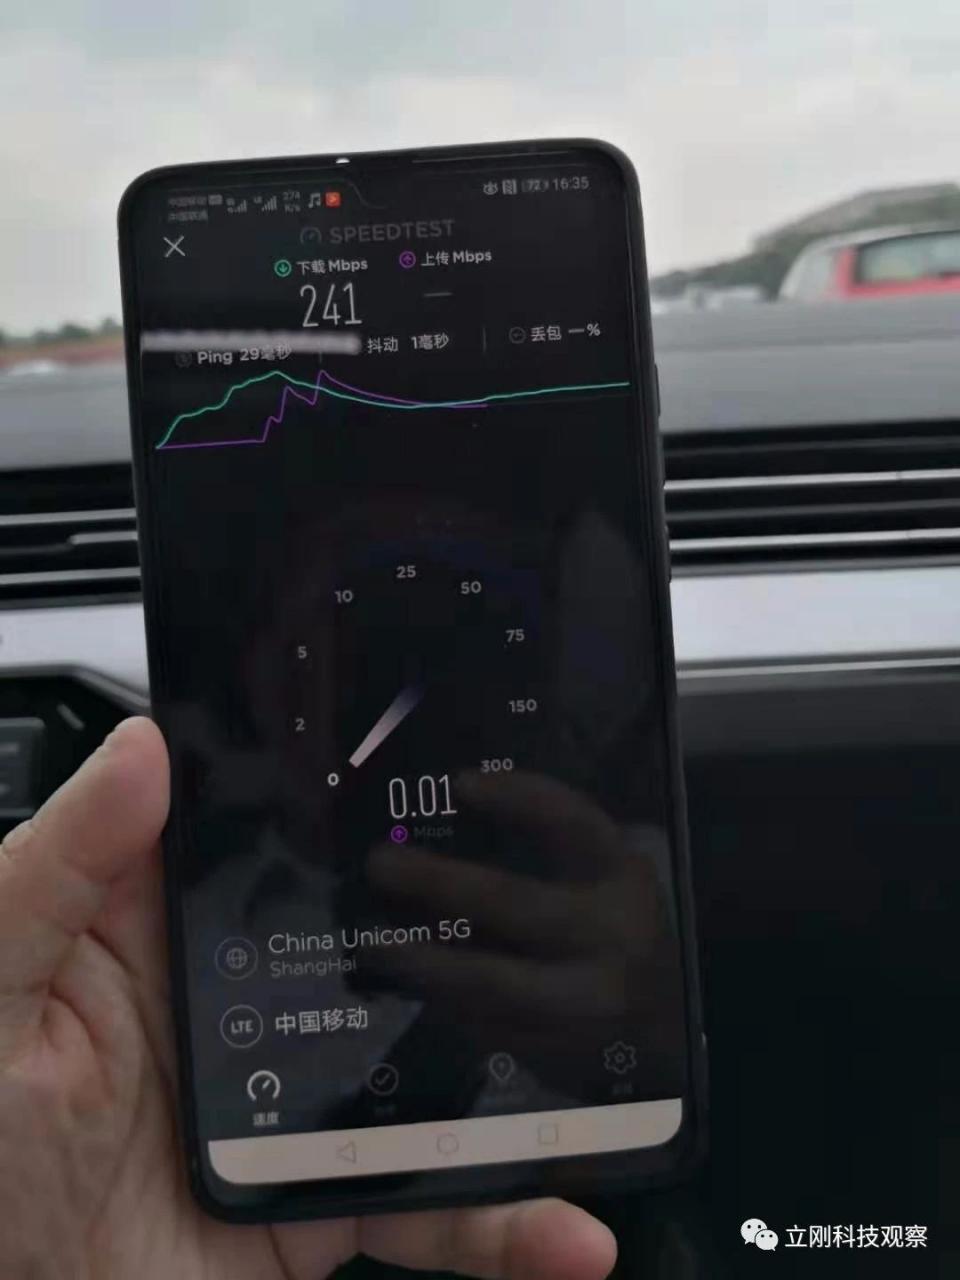 [实测]北京的5G用起来到底怎么样? 热点资讯 第5张